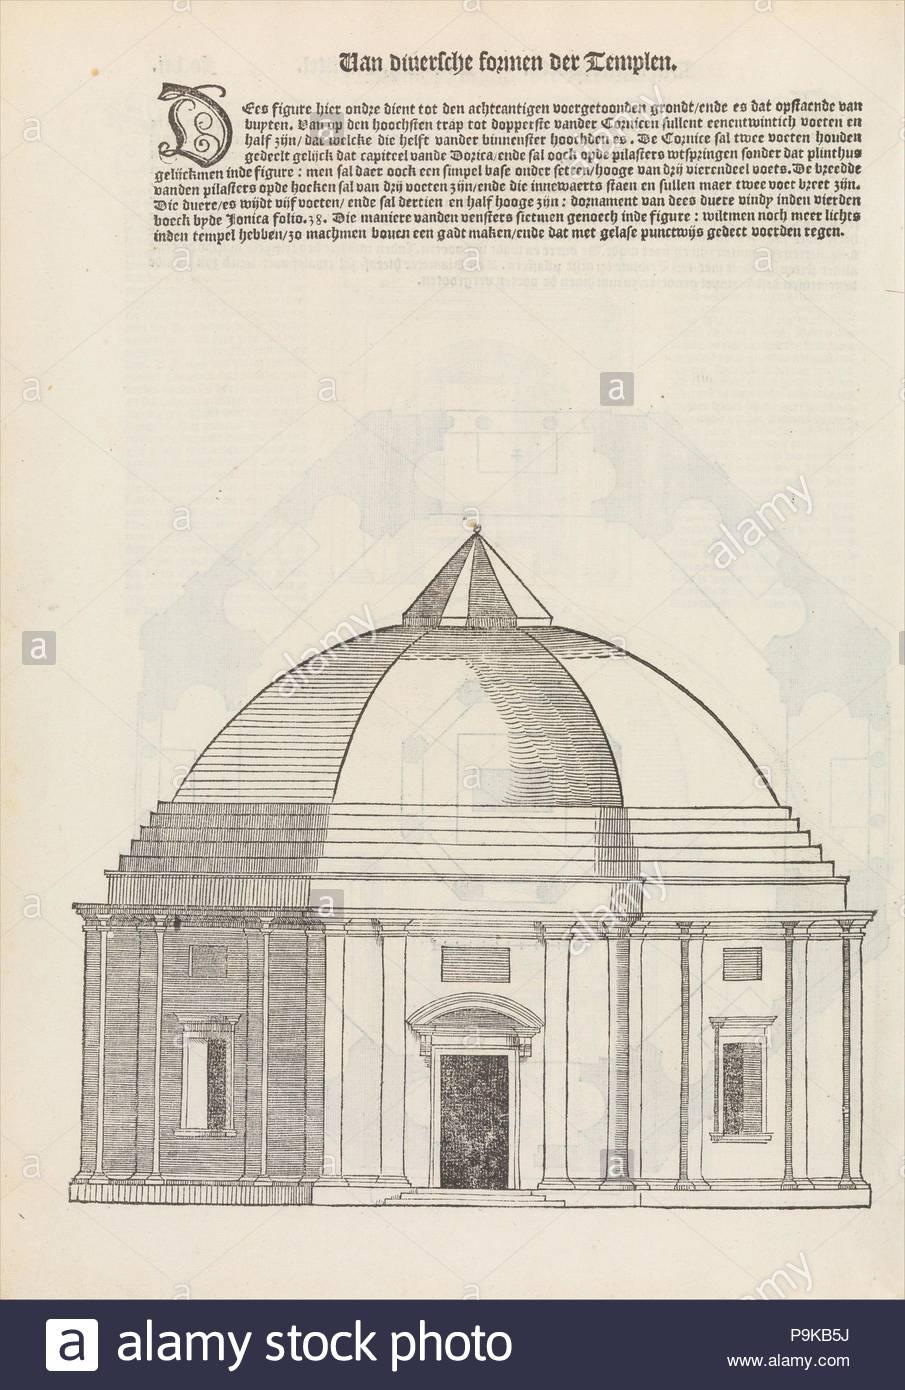 Den eersten (-vijfsten) boeck van architecturen, 1546, 1549, 1553, Printed books with woodcut illustrations, 13 1/2 in. × 10 in. × 1 3/4 in. (34.3 × 25.4 × 4.5 cm), Hendrick Hondius I (Netherlandish, Duffel 1573–1650 Amsterdam). - Stock Image